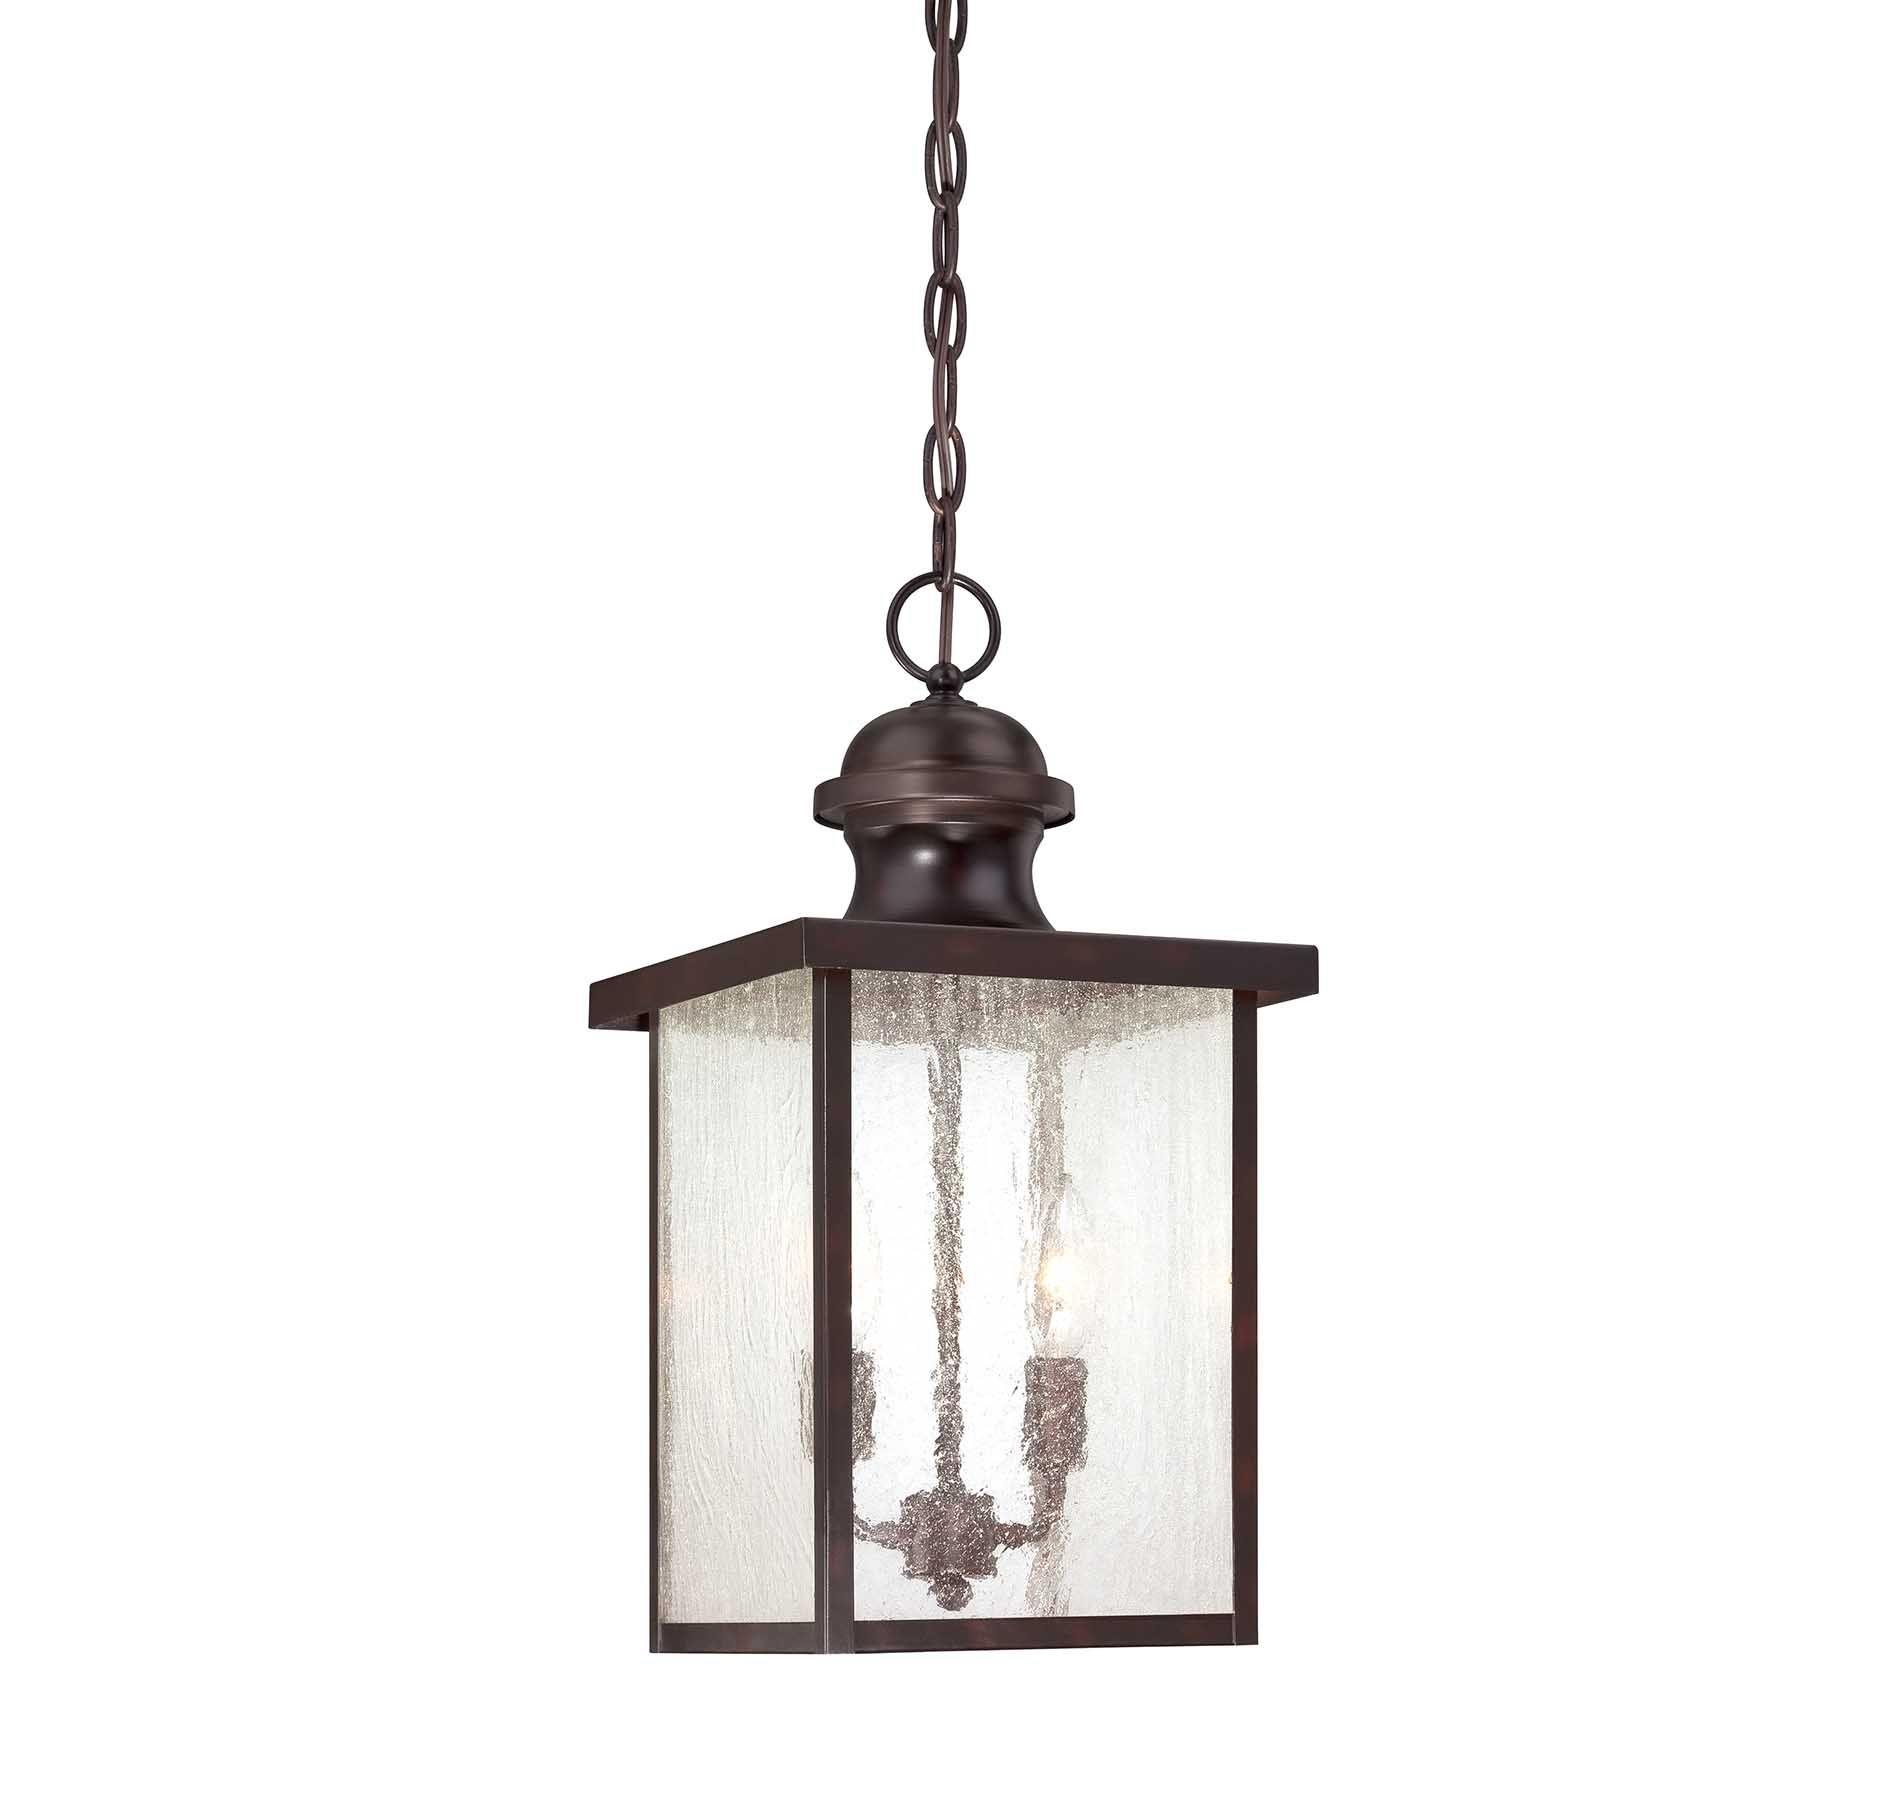 Newberry Hanging Exterior Lantern :: Outdoor Lighting :: Products In Outdoor Lighting Fixtures At Wayfair (View 7 of 15)